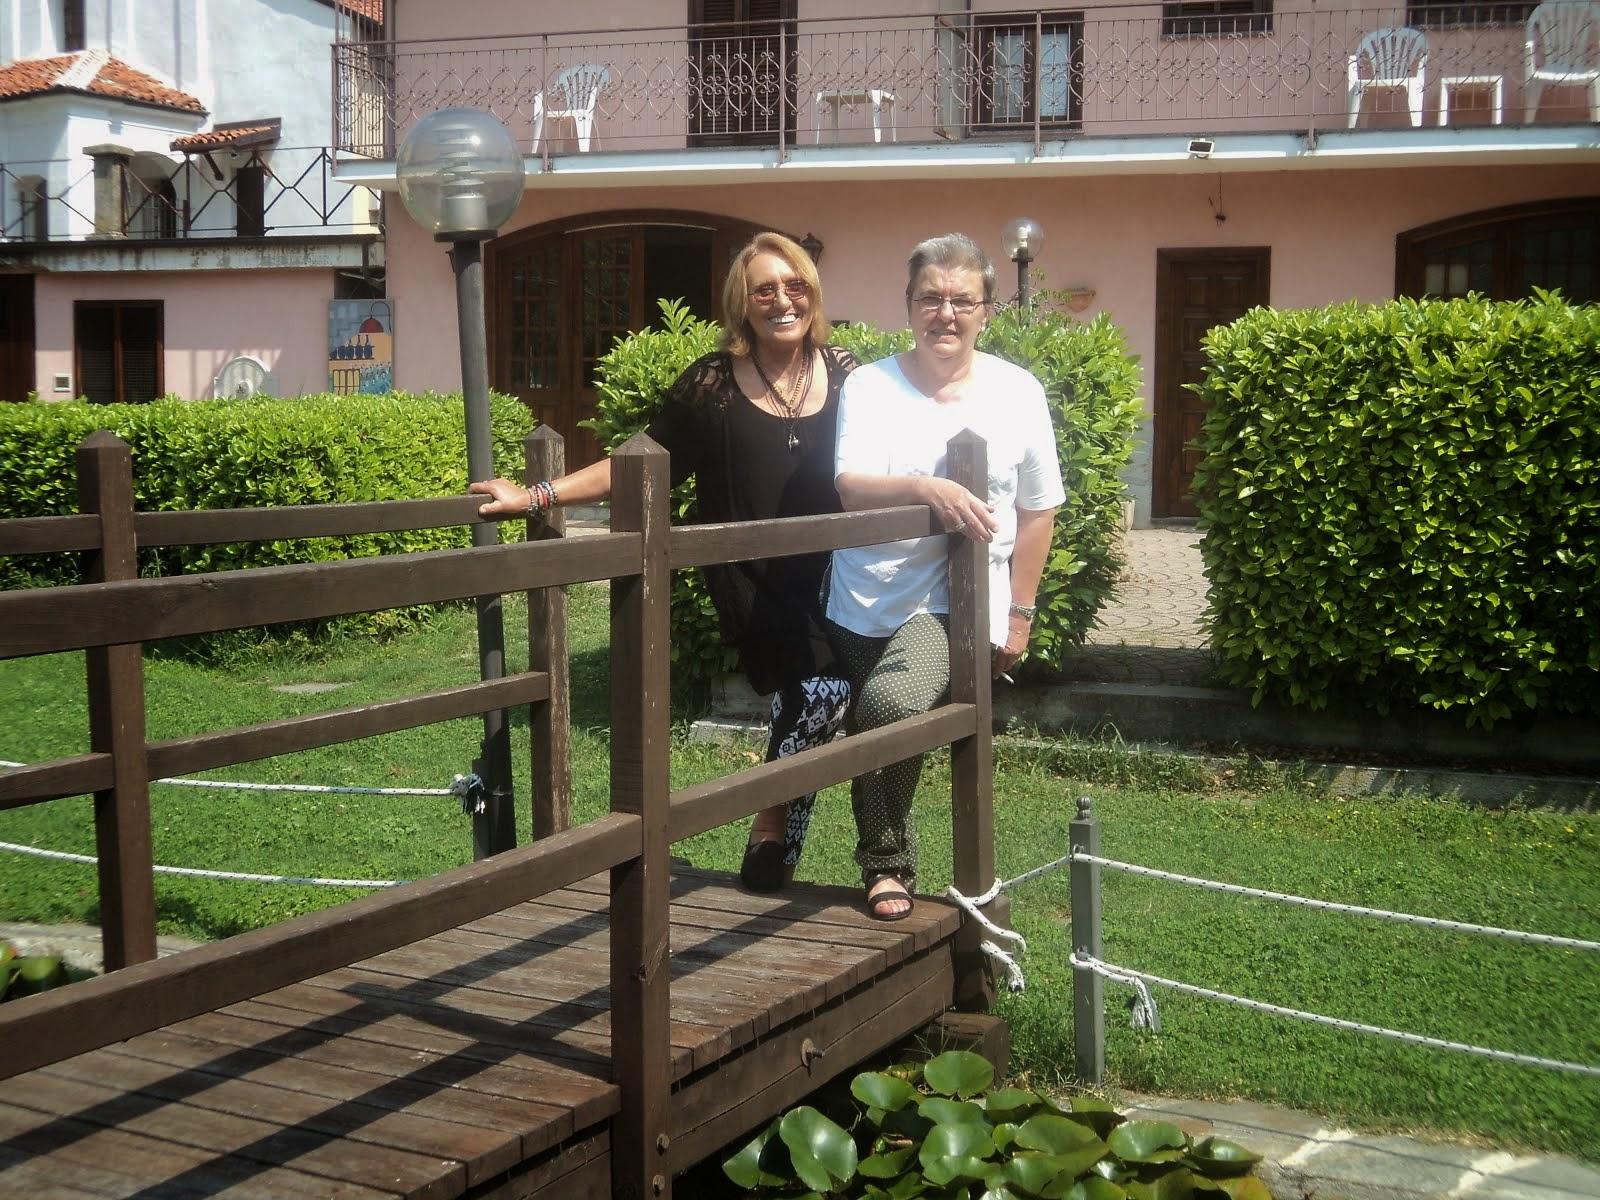 Chiedete e vi sarà dato: Hotel Giardino di Graziella e Savio a Dogliani!